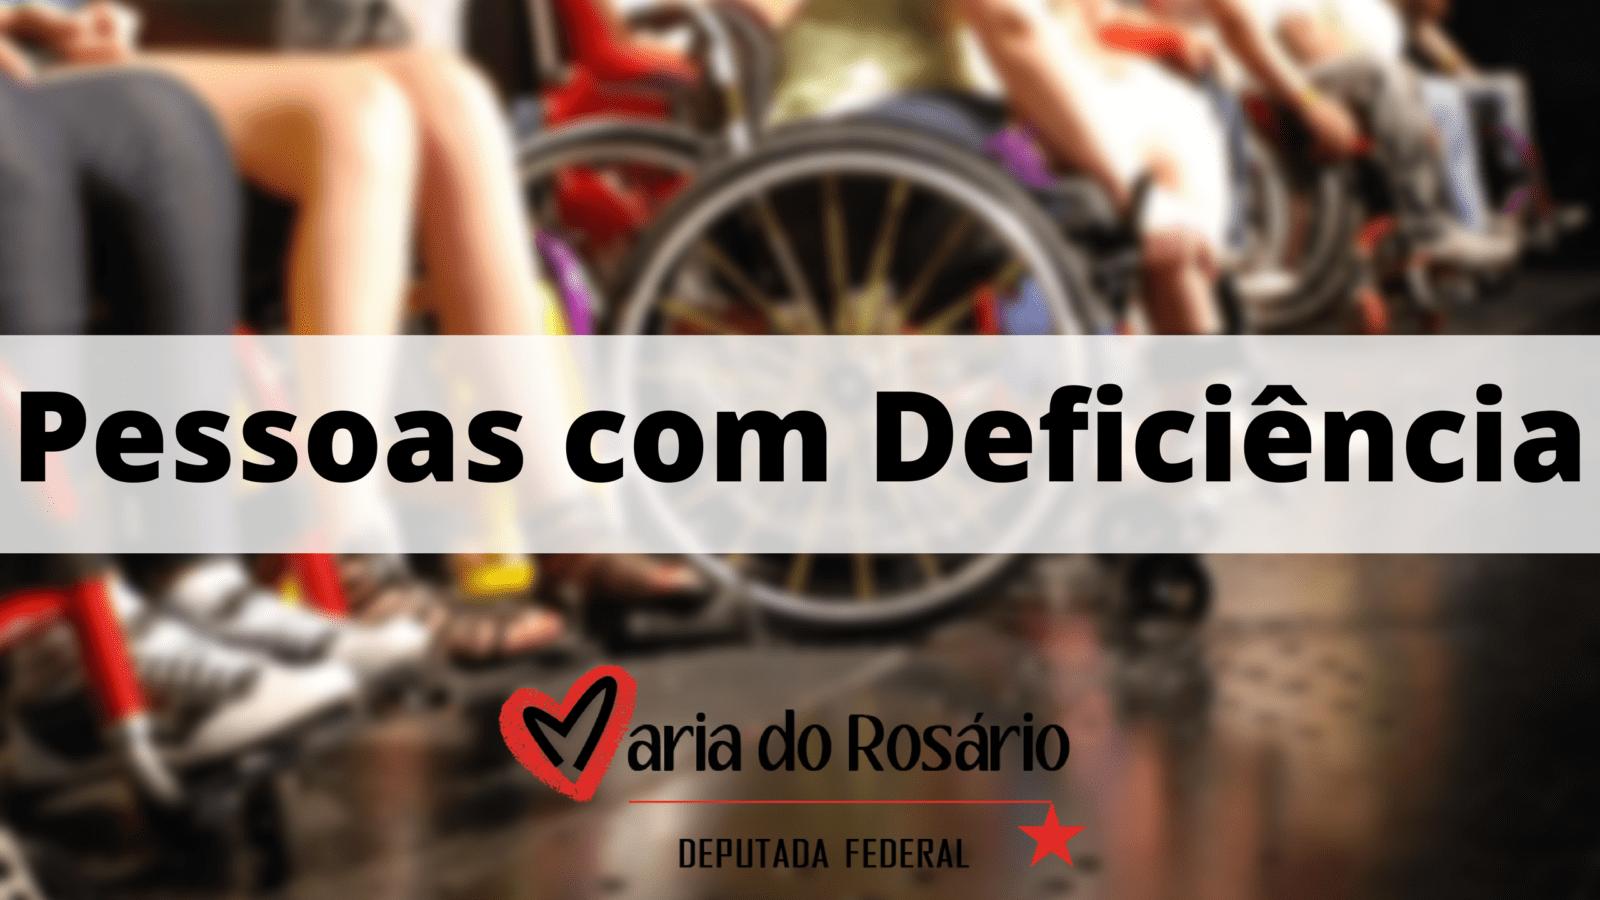 Pessoa com Deficiência